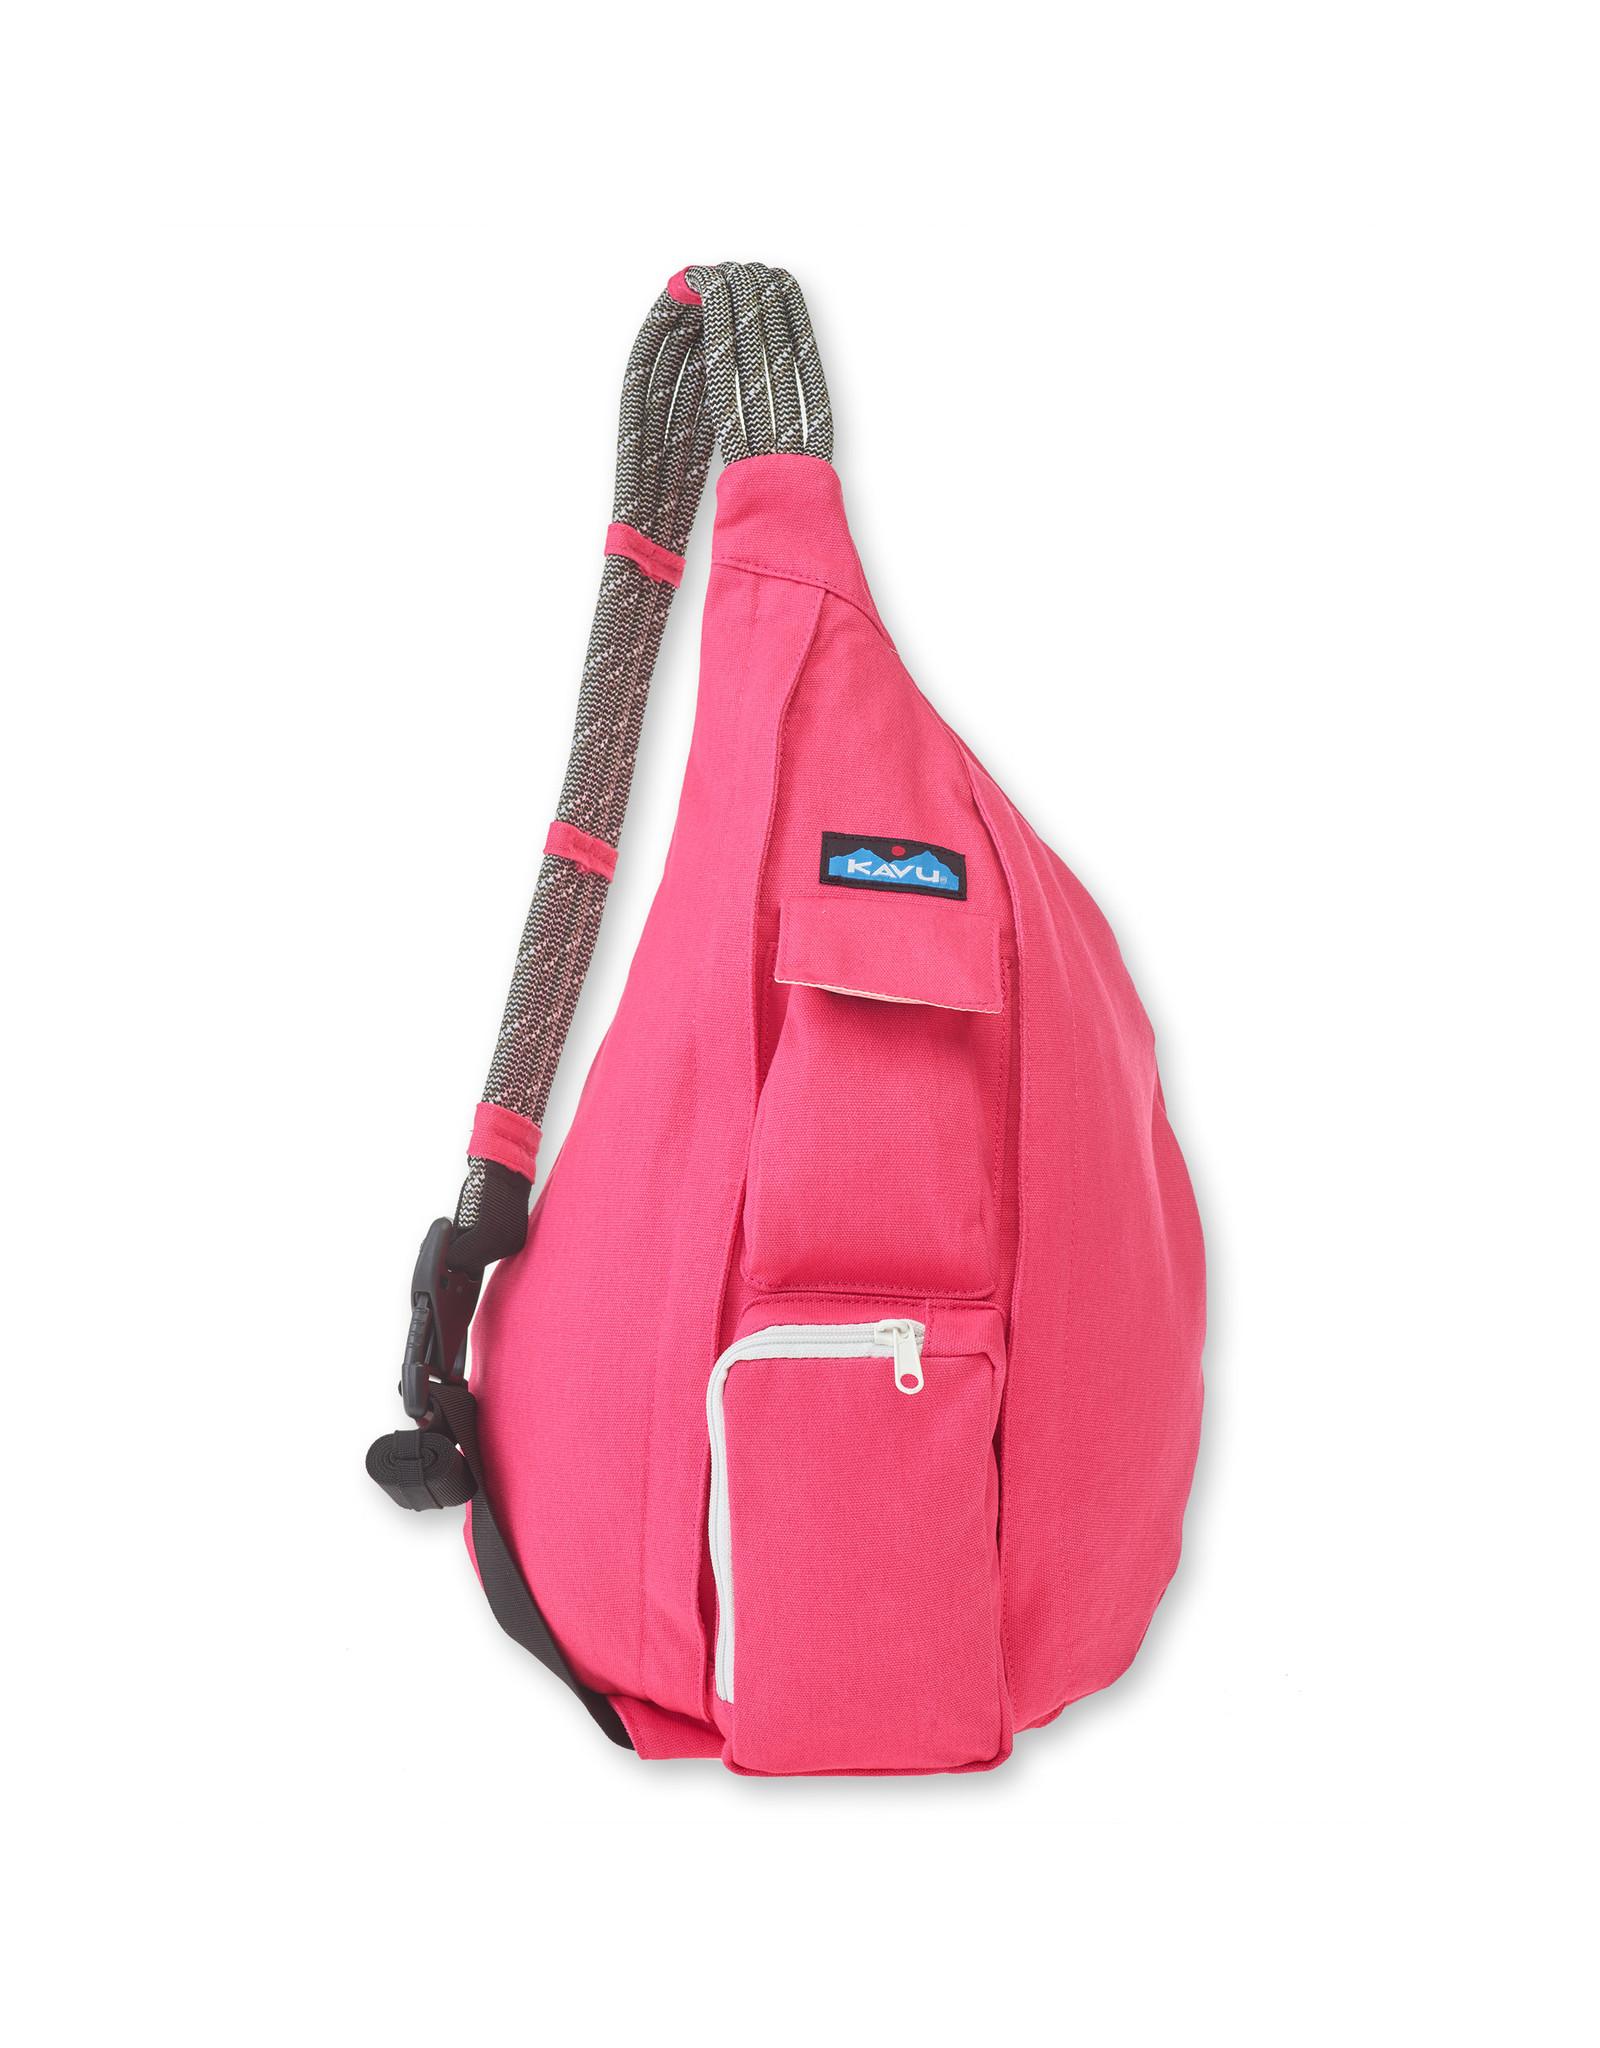 Kavu Rope Bag - Magenta